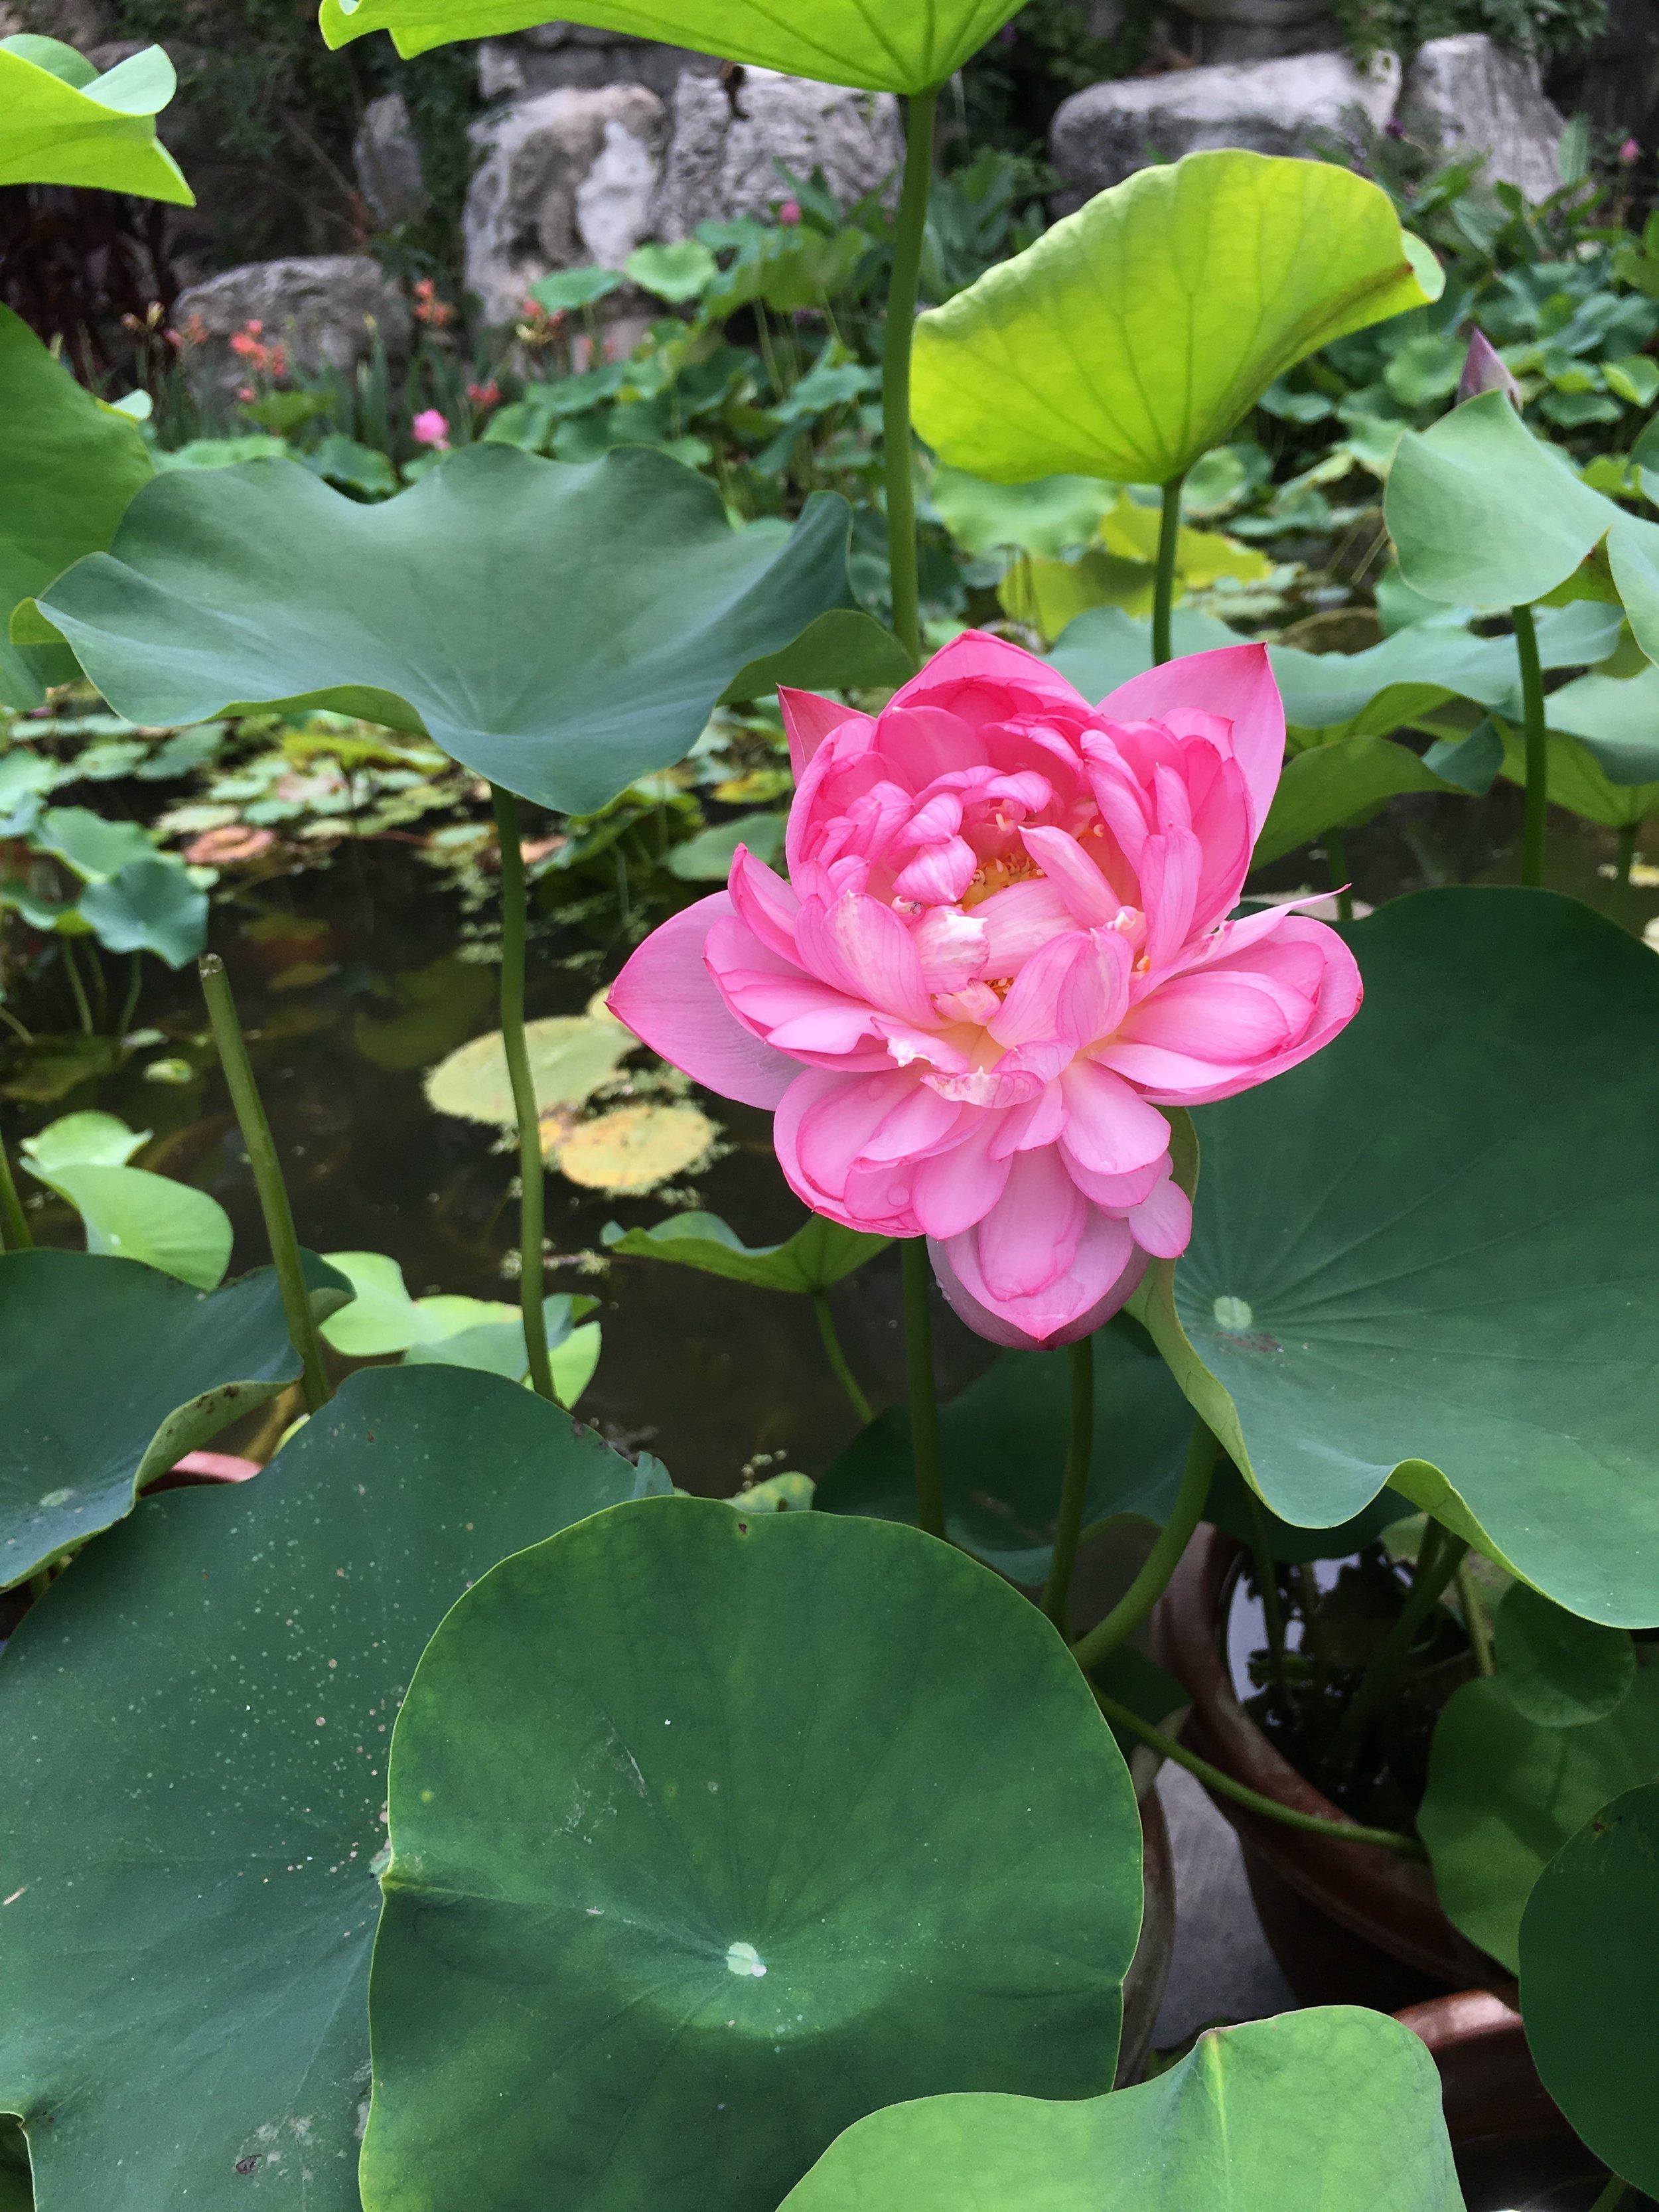 Chengdu - Hibiscus, the city flower.